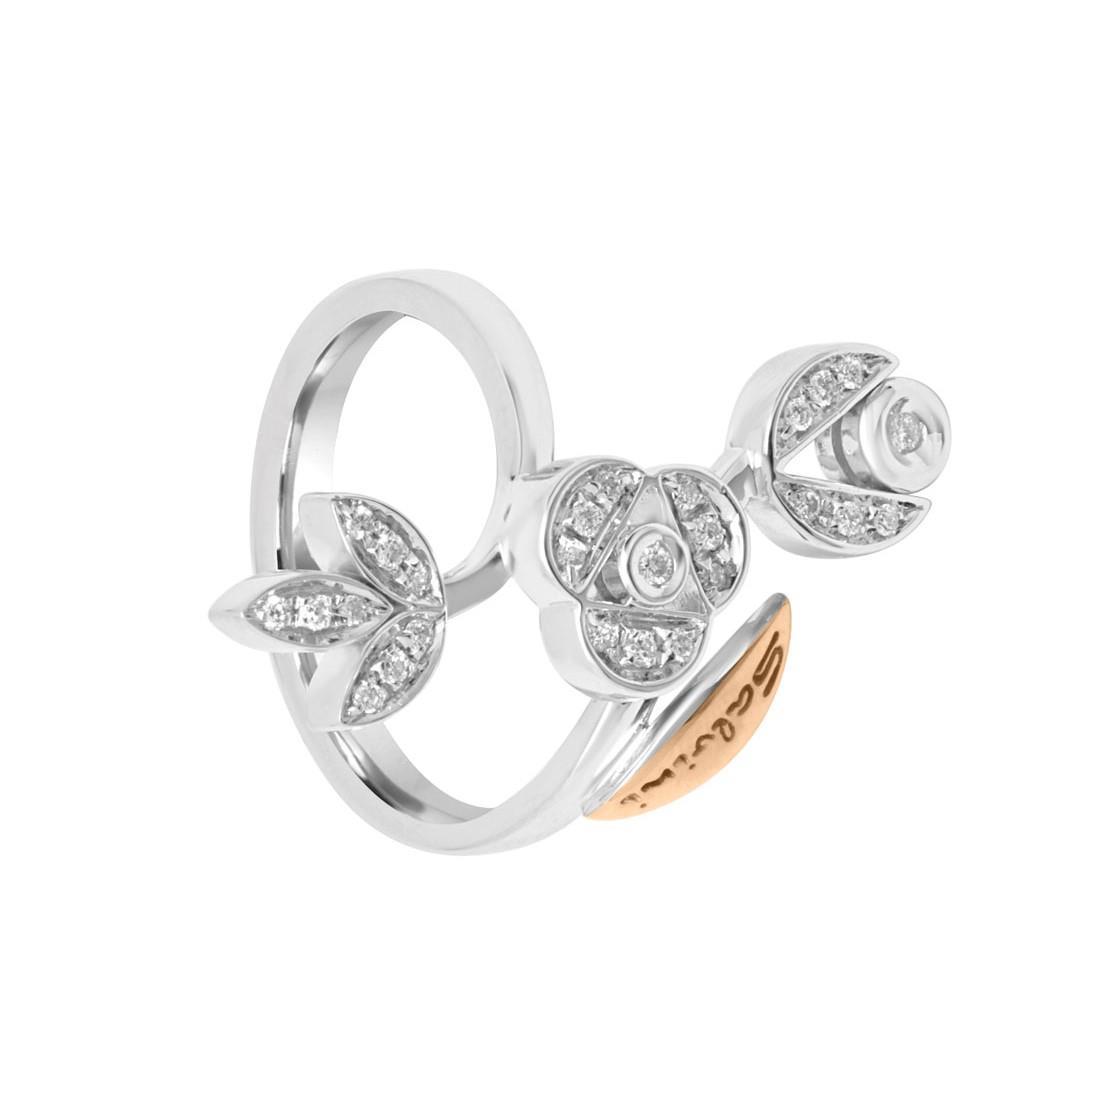 Anello in oro bianco design con diamanti mis 15 - SALVINI